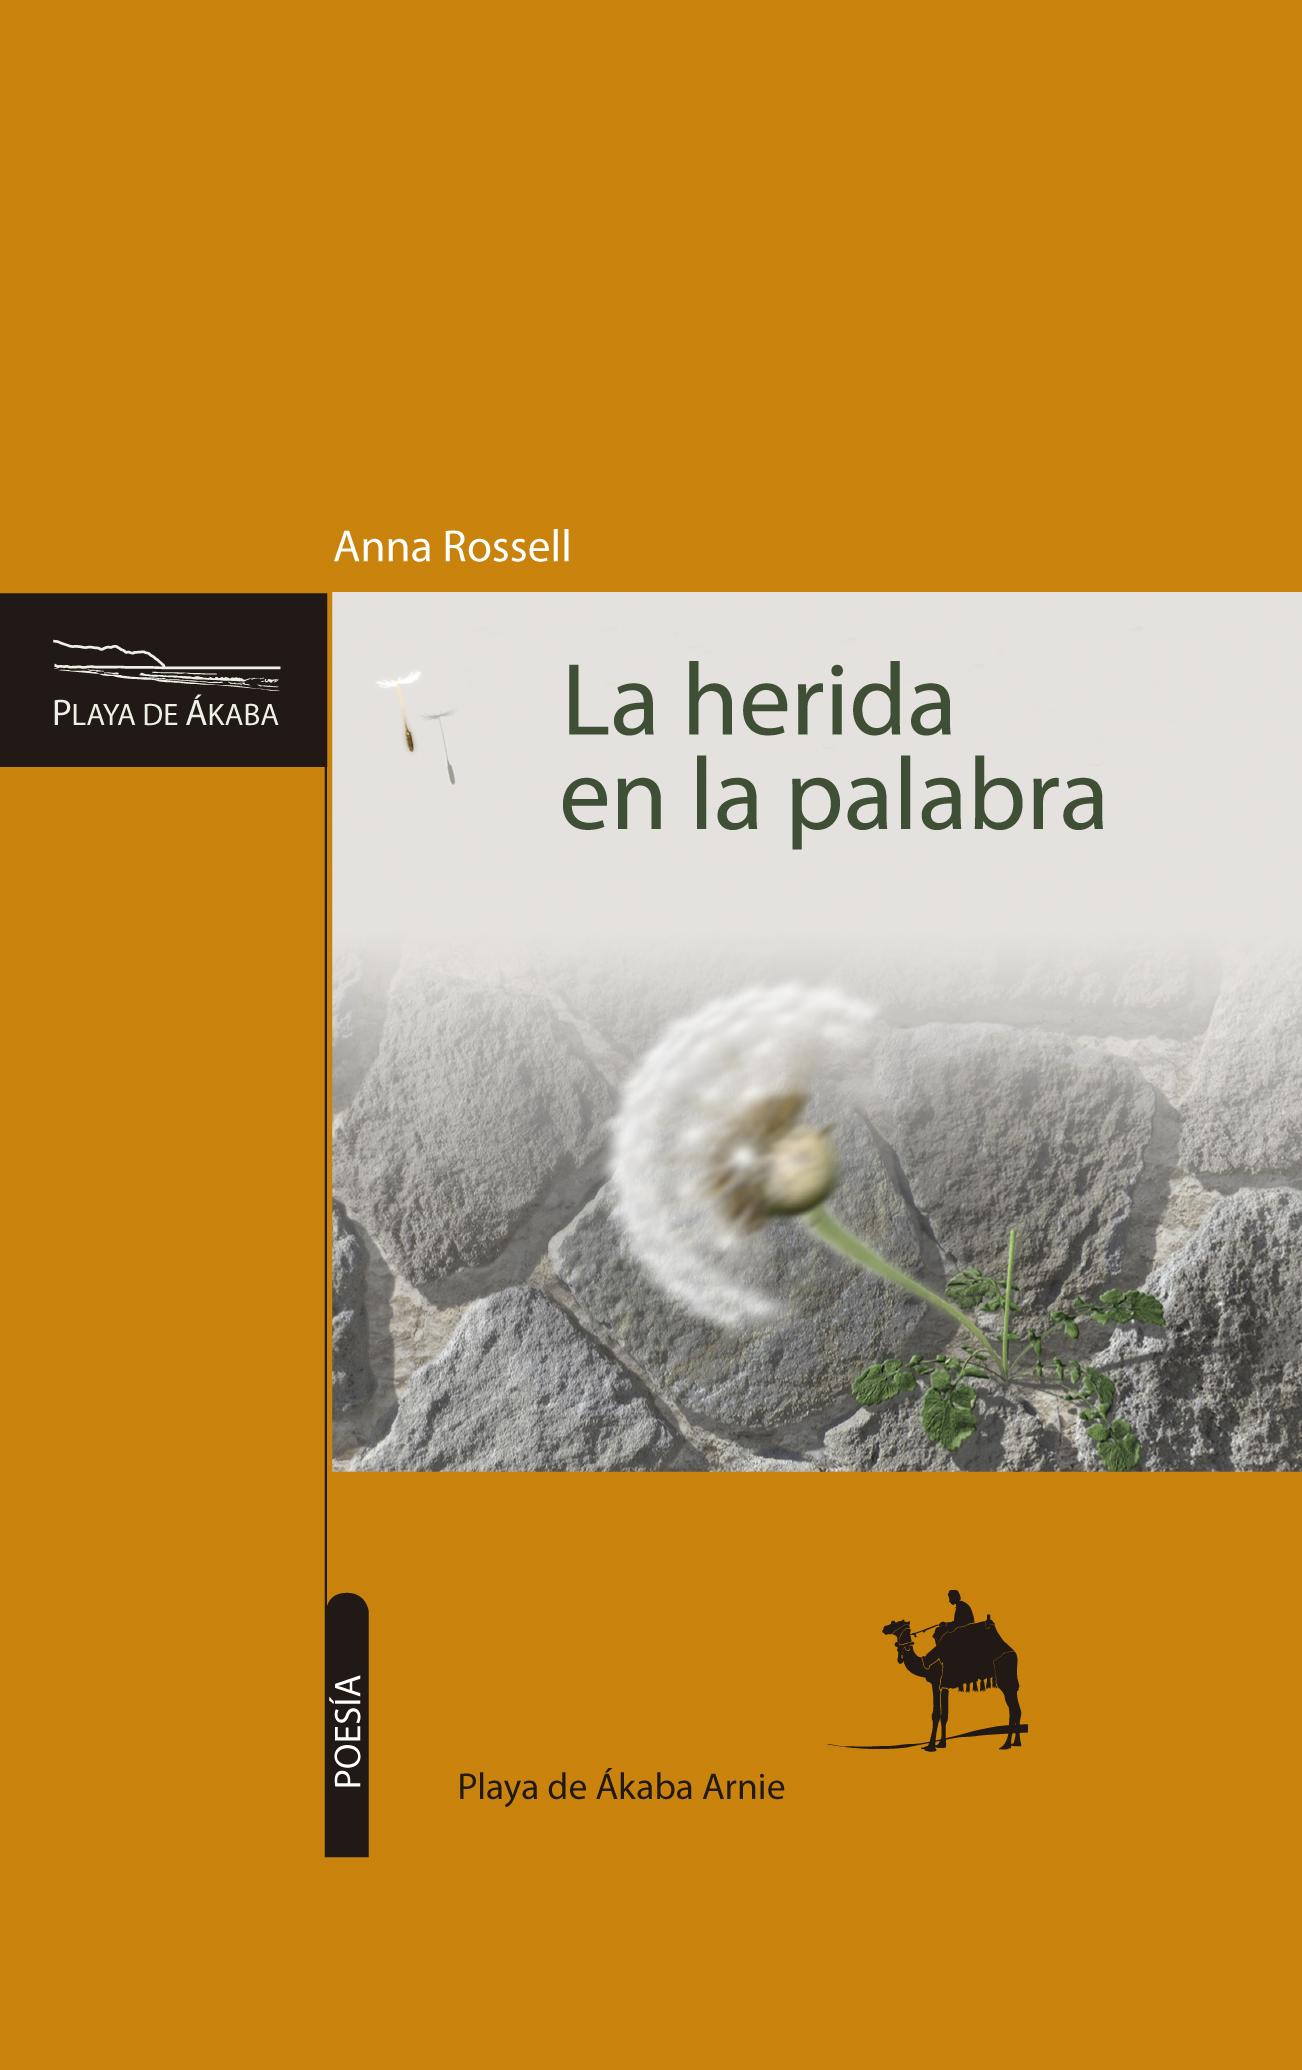 """Portada del poemaio """"La herida en la palabra"""" (e-pub), de Anna Rossell"""